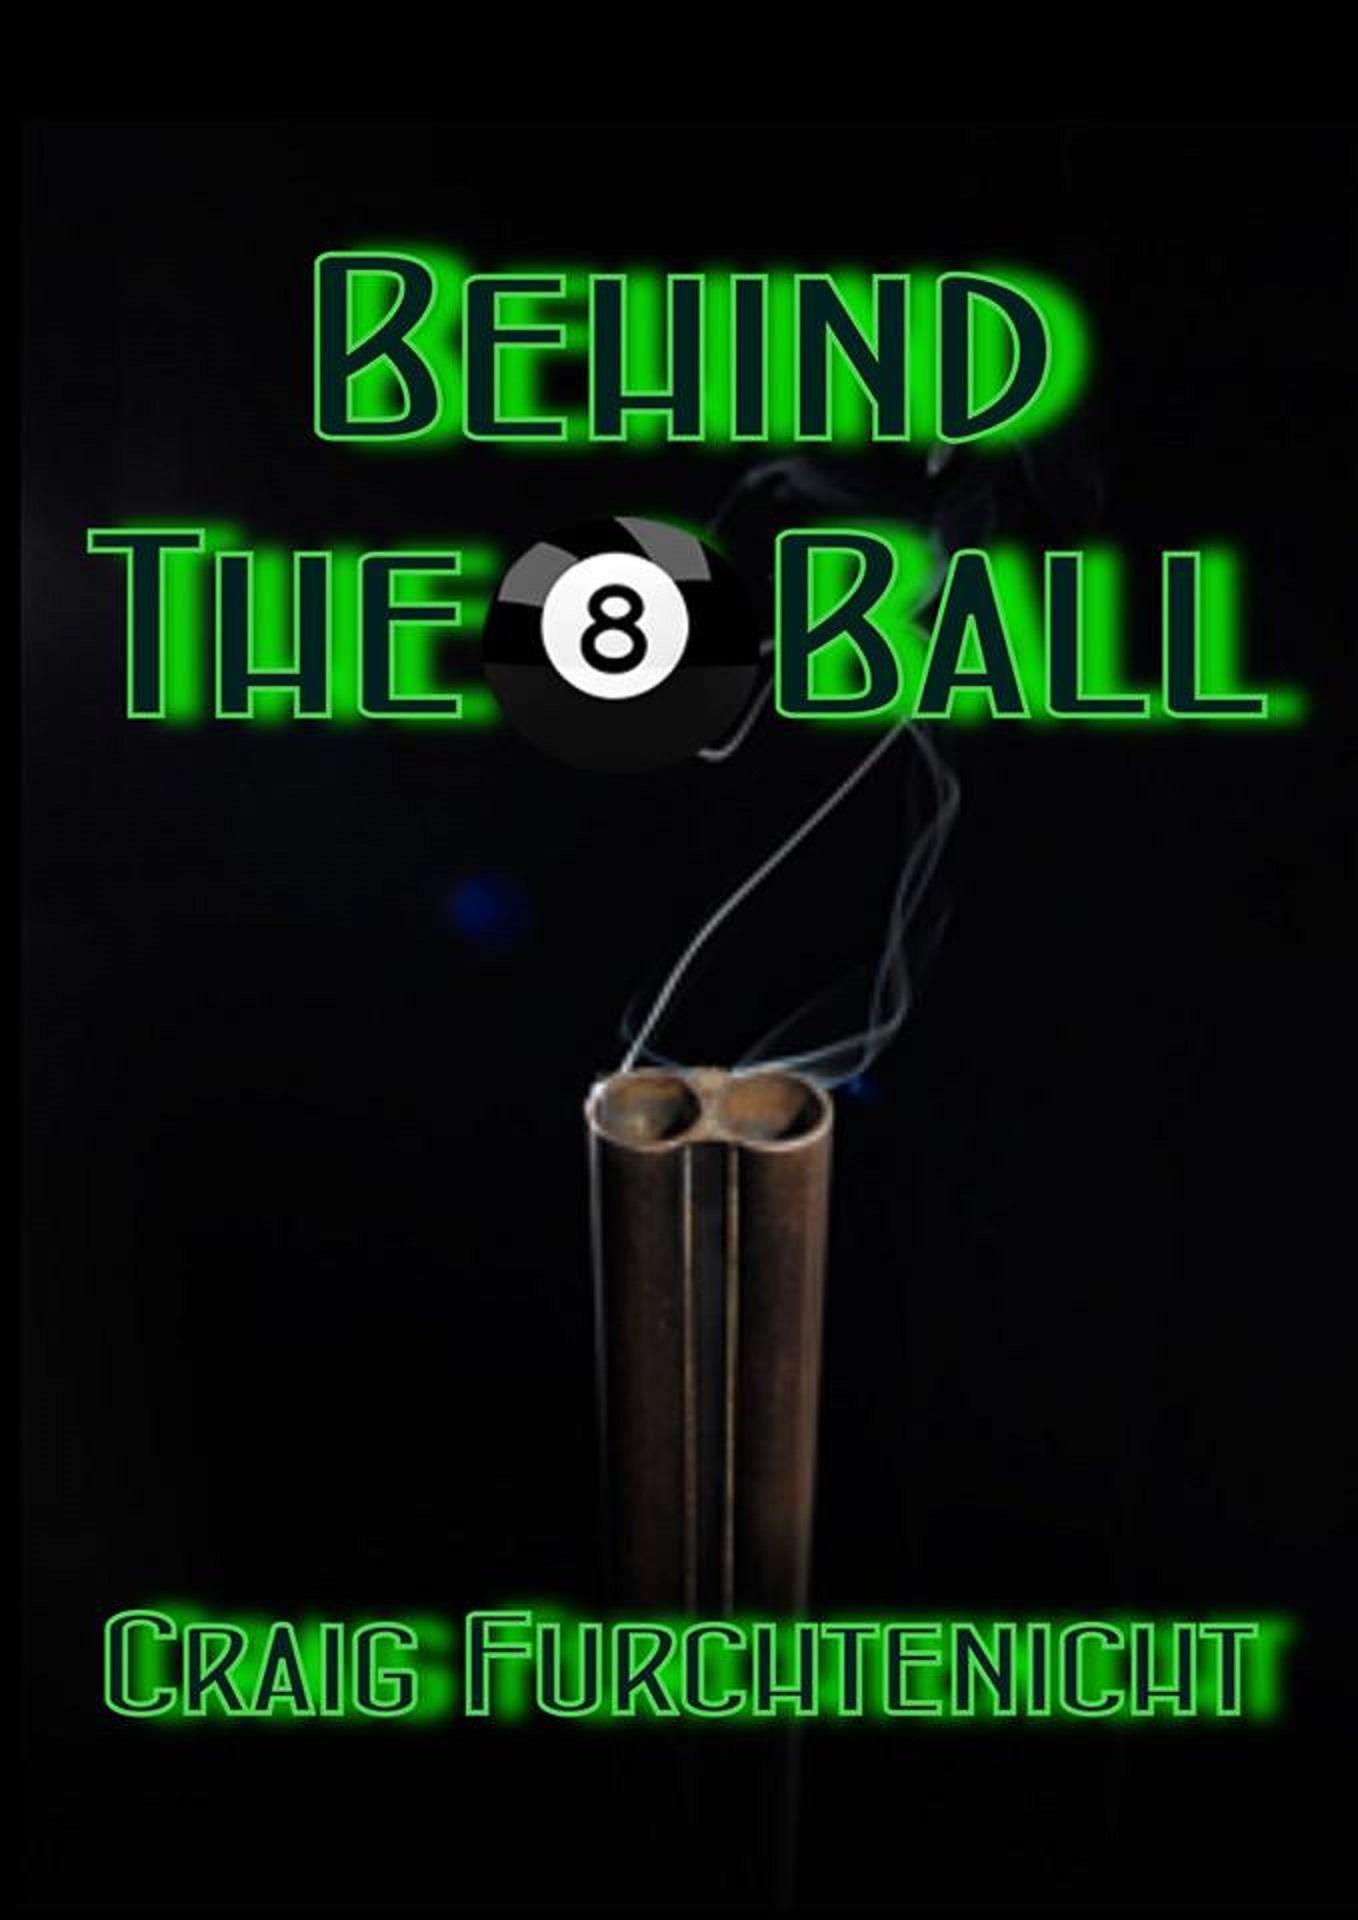 Behind The Eight Ball Craig Furchtenicht